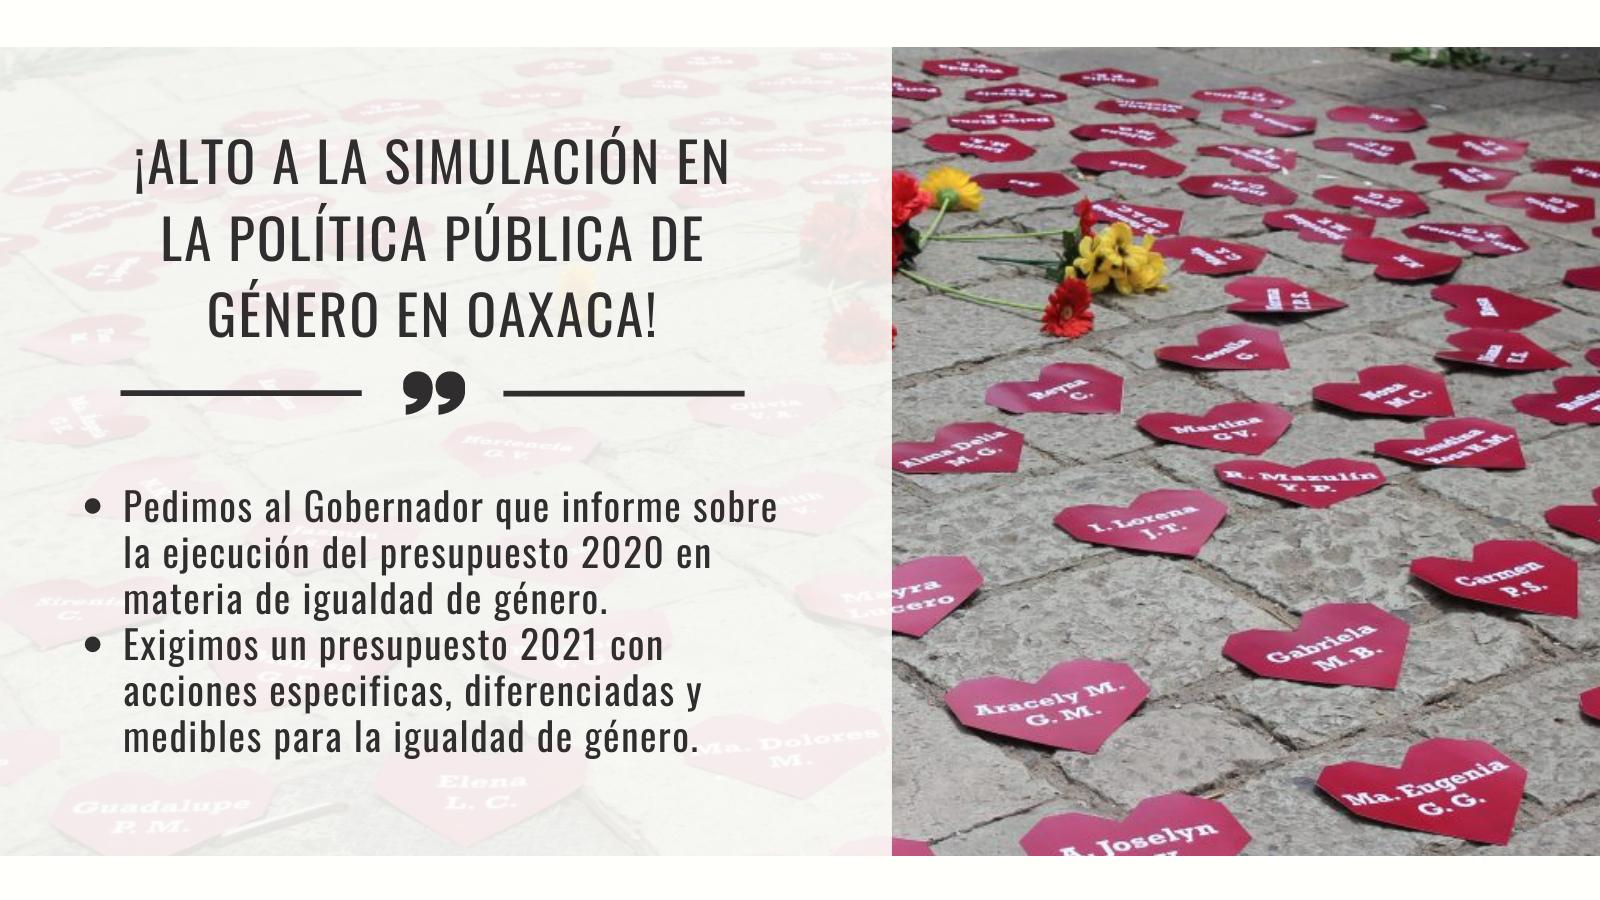 ¡Alto a la simulación en la Política Pública de Género en Oaxaca!